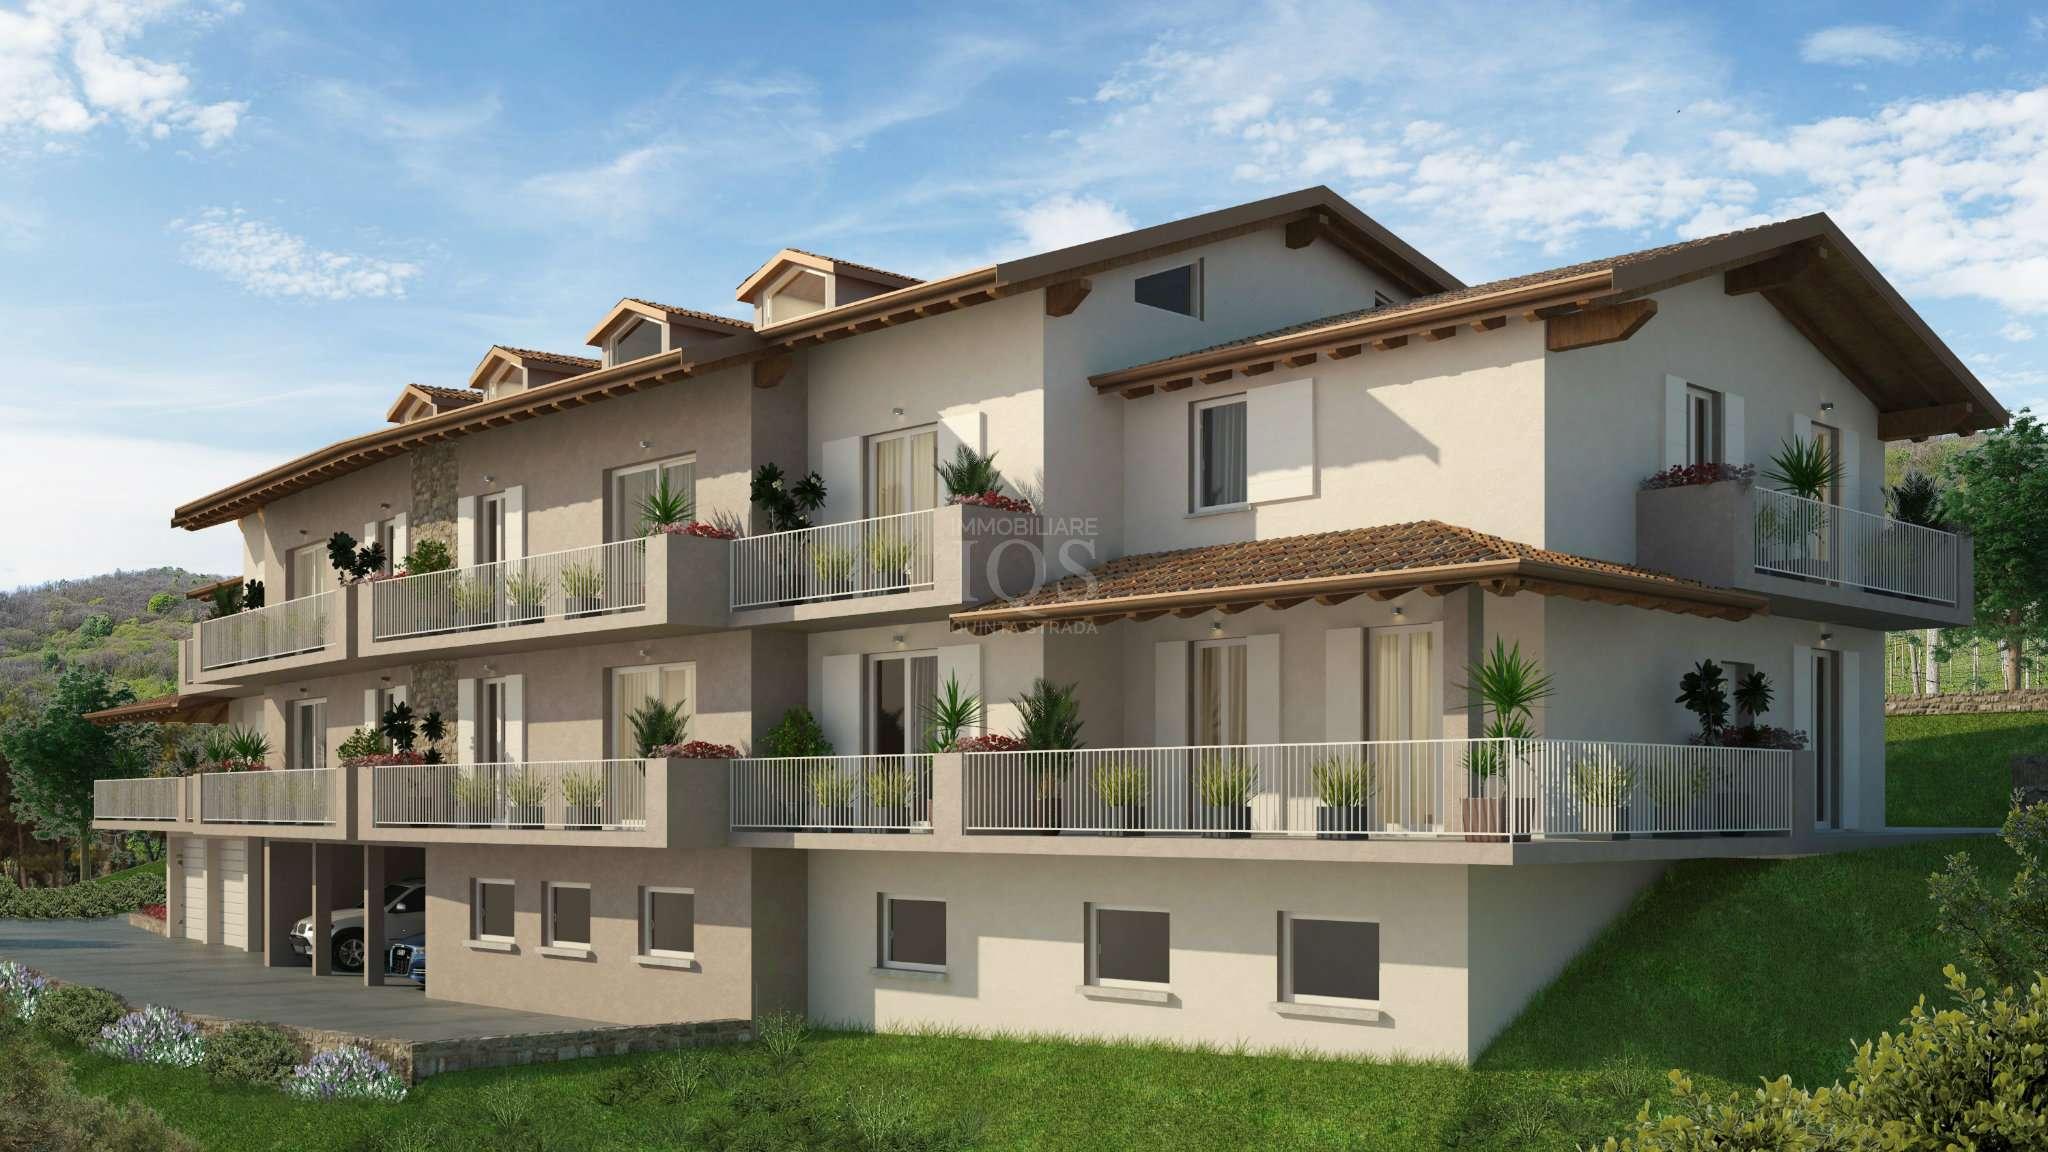 Appartamento in vendita a Foresto Sparso, 2 locali, prezzo € 75.000 | PortaleAgenzieImmobiliari.it